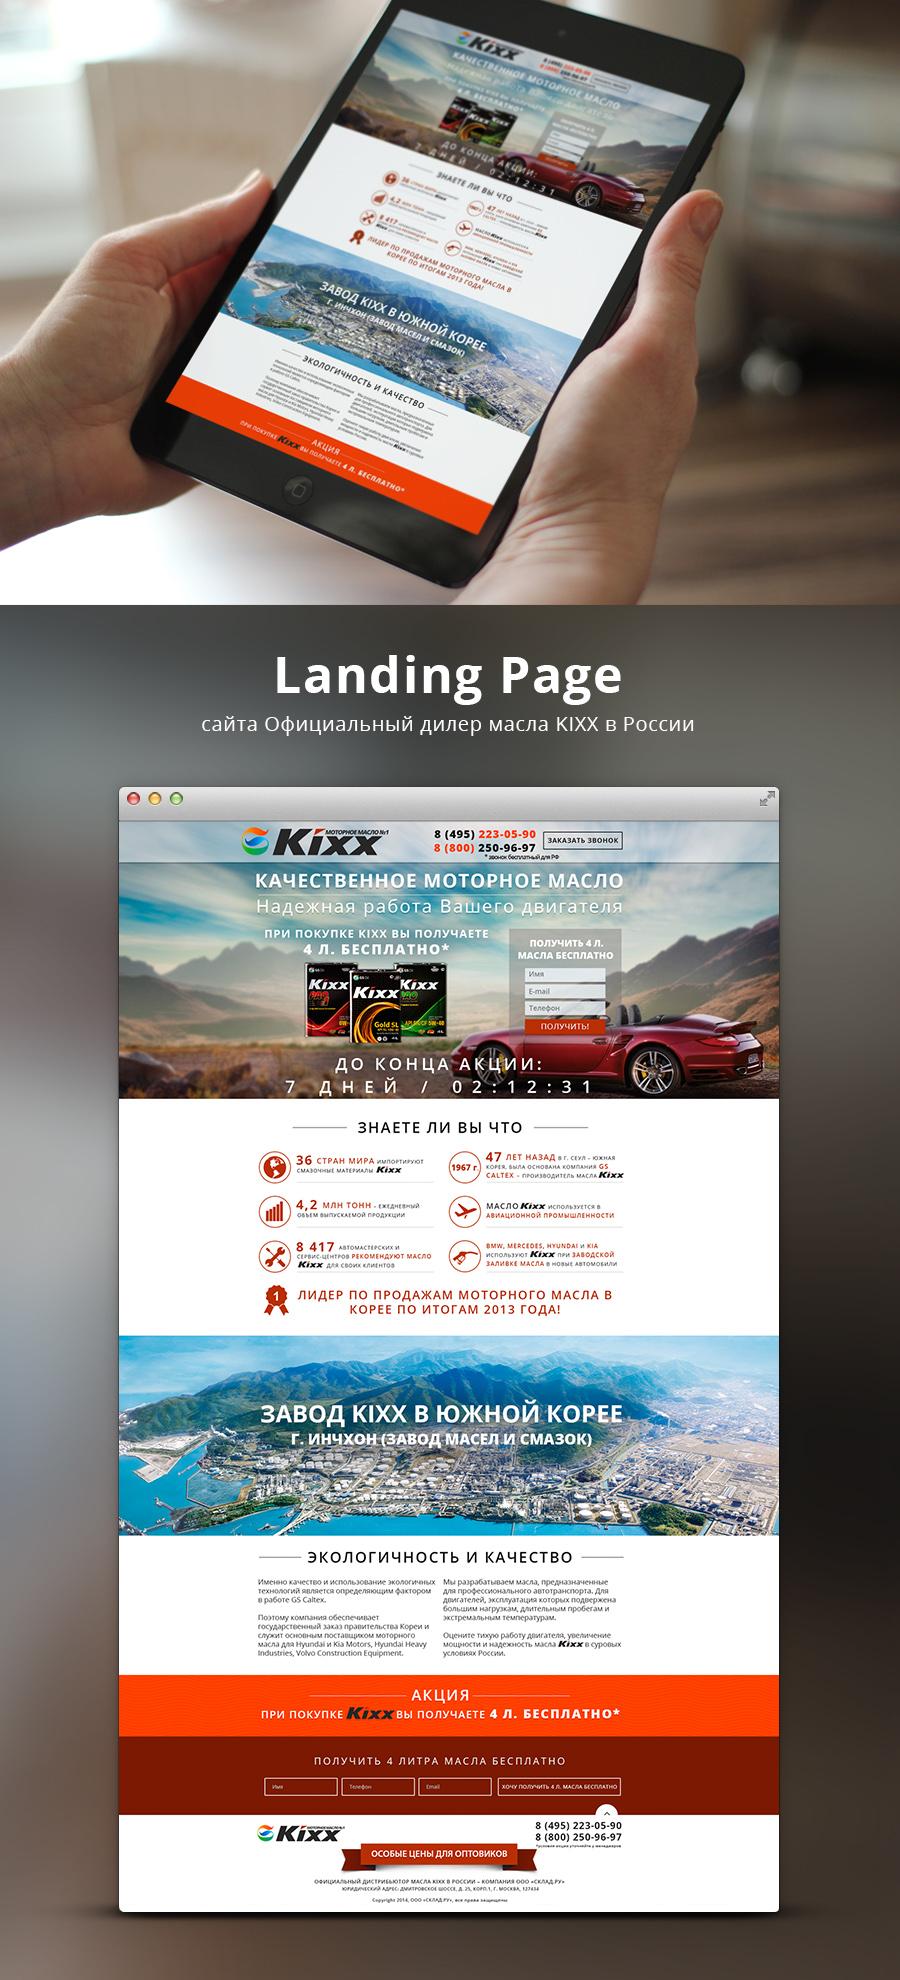 Дизайн Landing page - Официальный дистрибьютор моторного масла KIXX в России